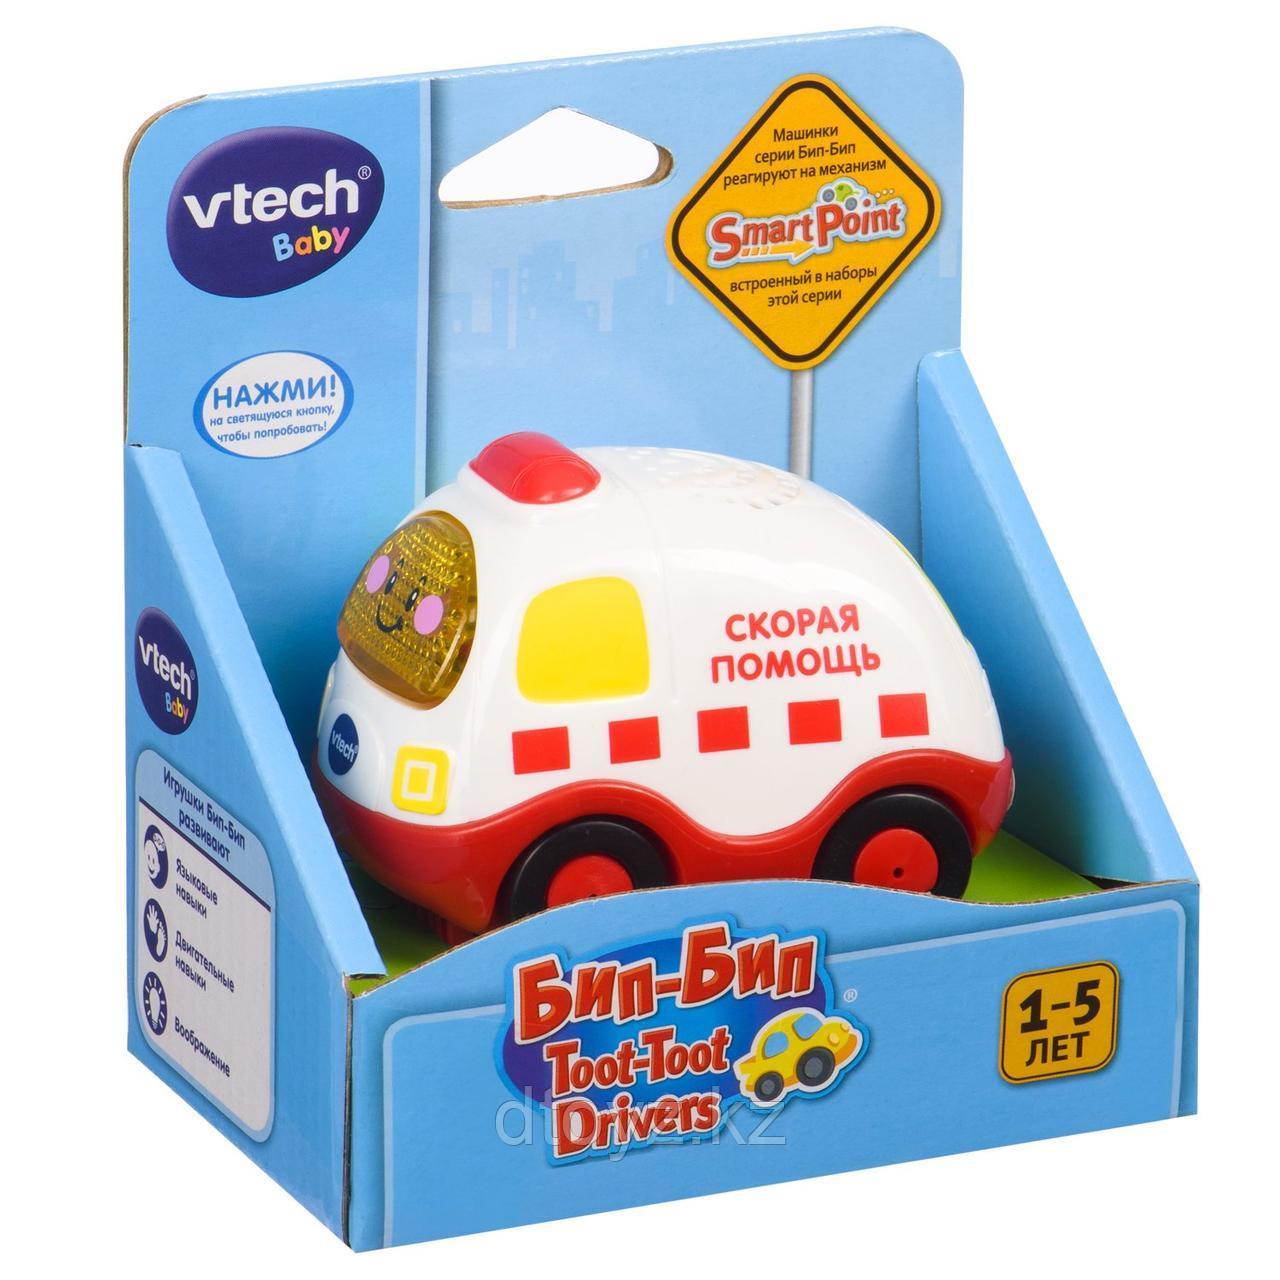 Vtech Cкорая помощь 80-119726